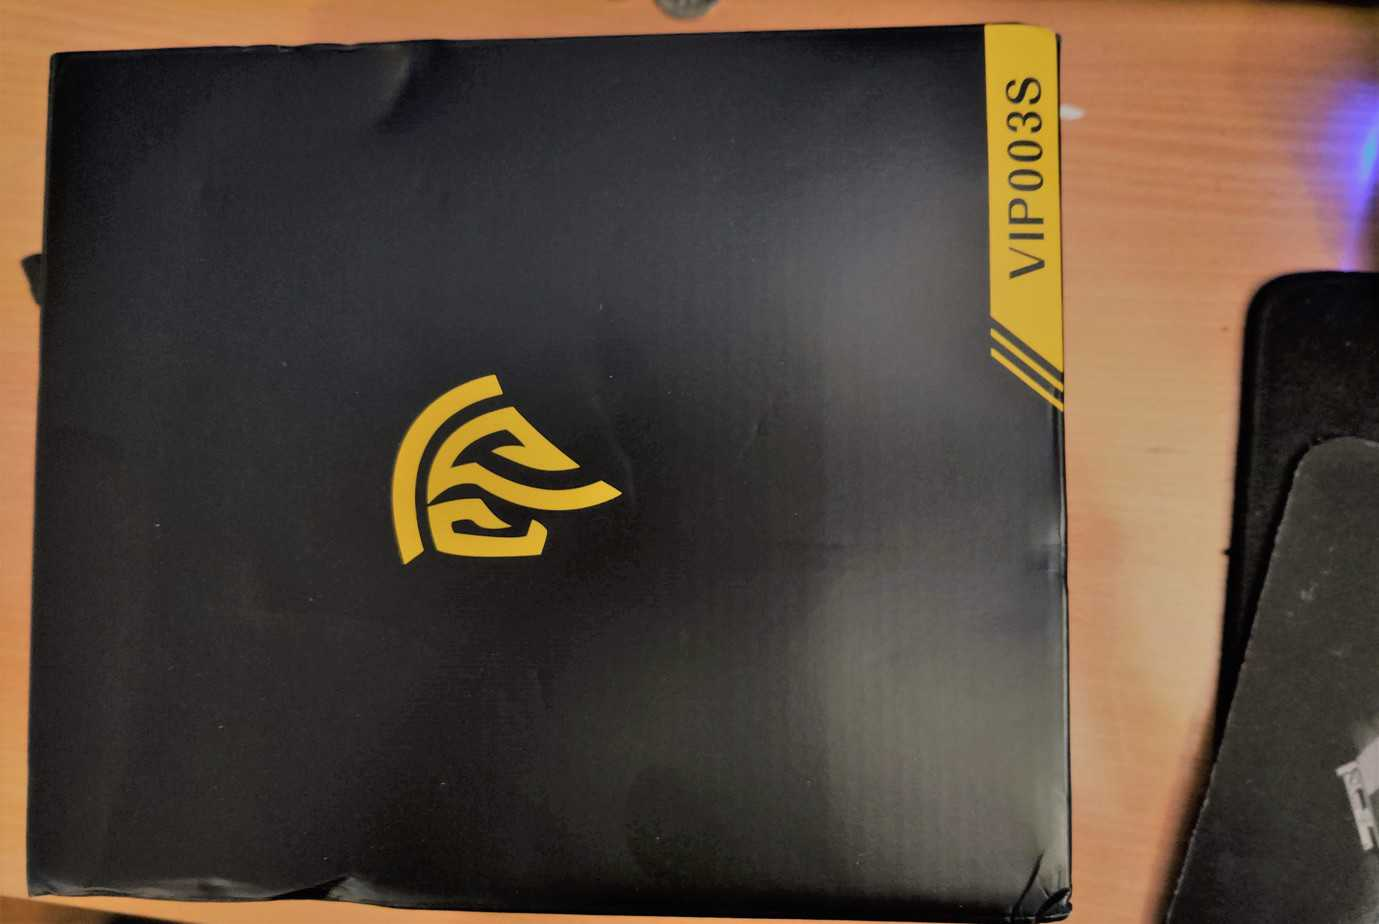 EasySMX vip003s box